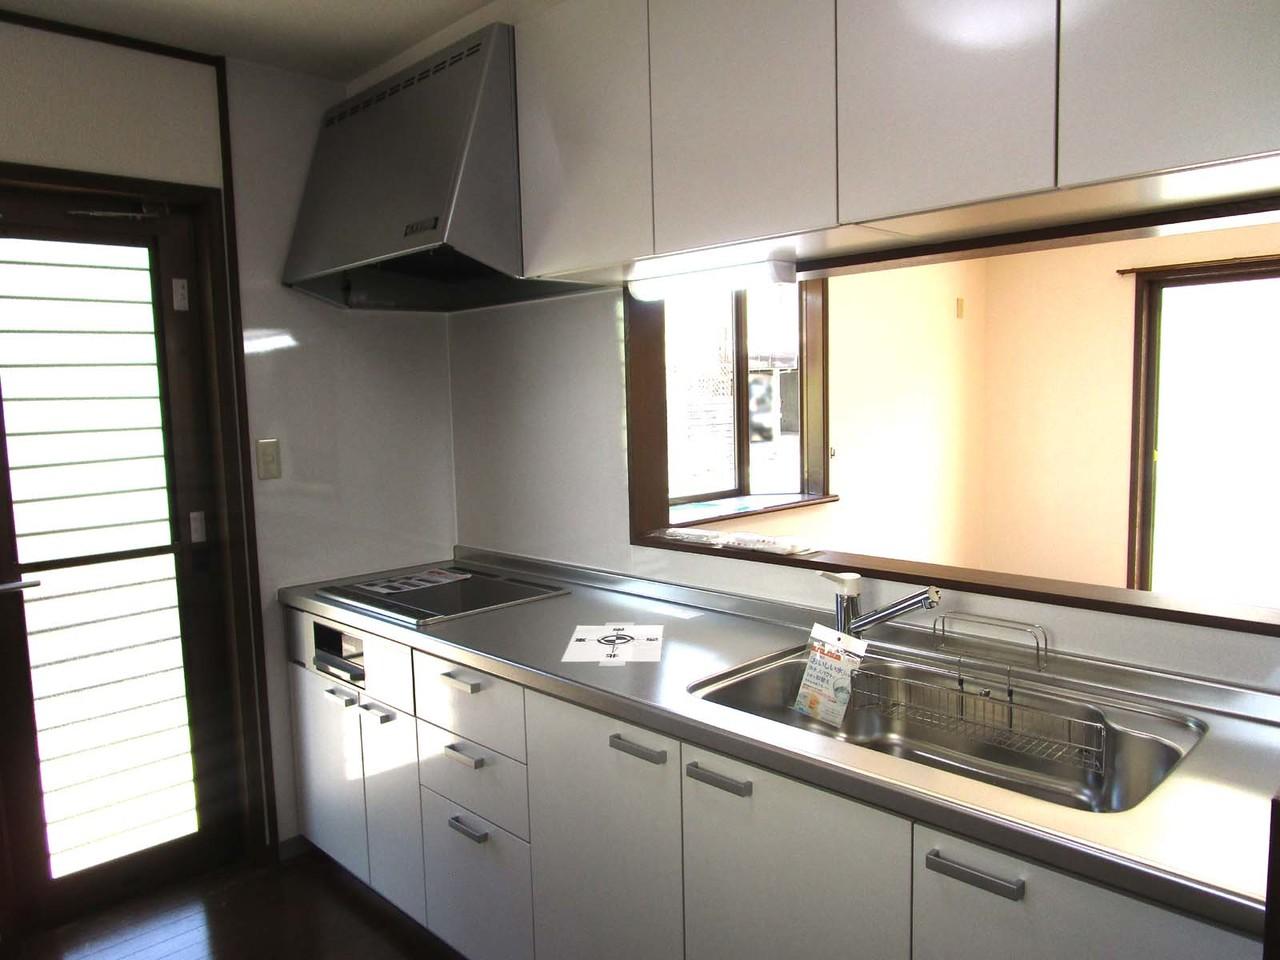 システムキッチン新品です 対面キッチンでリビングが見渡せます